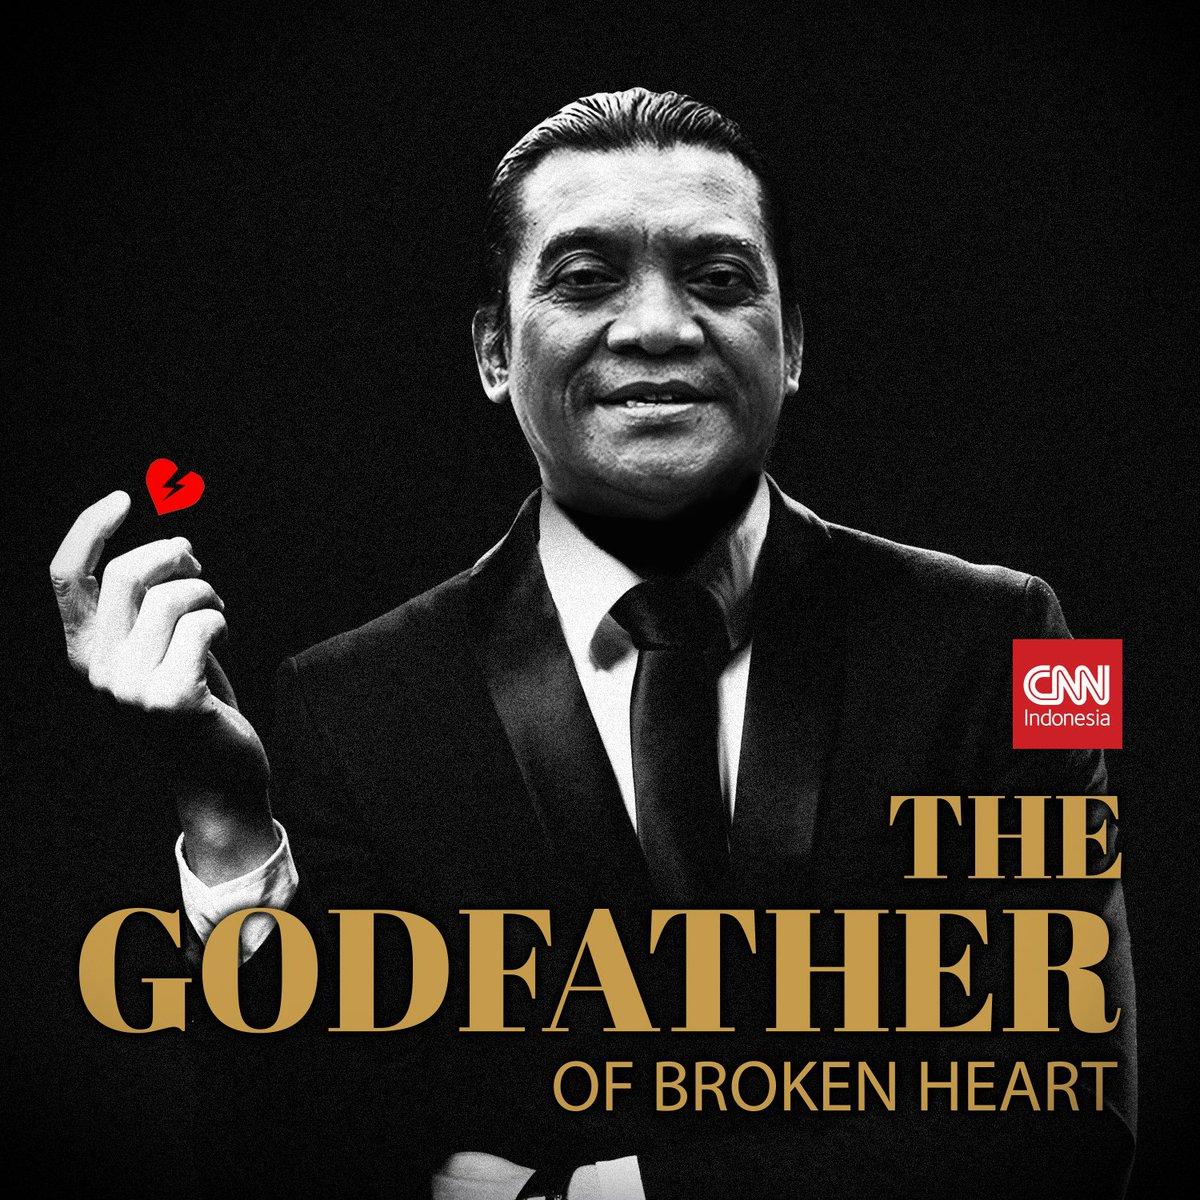 """CNN Indonesia on Twitter: """"Para 'sadbois' dan 'sadgerls' setia mengikuti  sang Idola, @didikempotid dari panggung ke panggung. Apakah arti 'Sobat  Ambyar' bagi Didi Kempot yang diberi gelar 'The Godfather of Broken Heart'"""